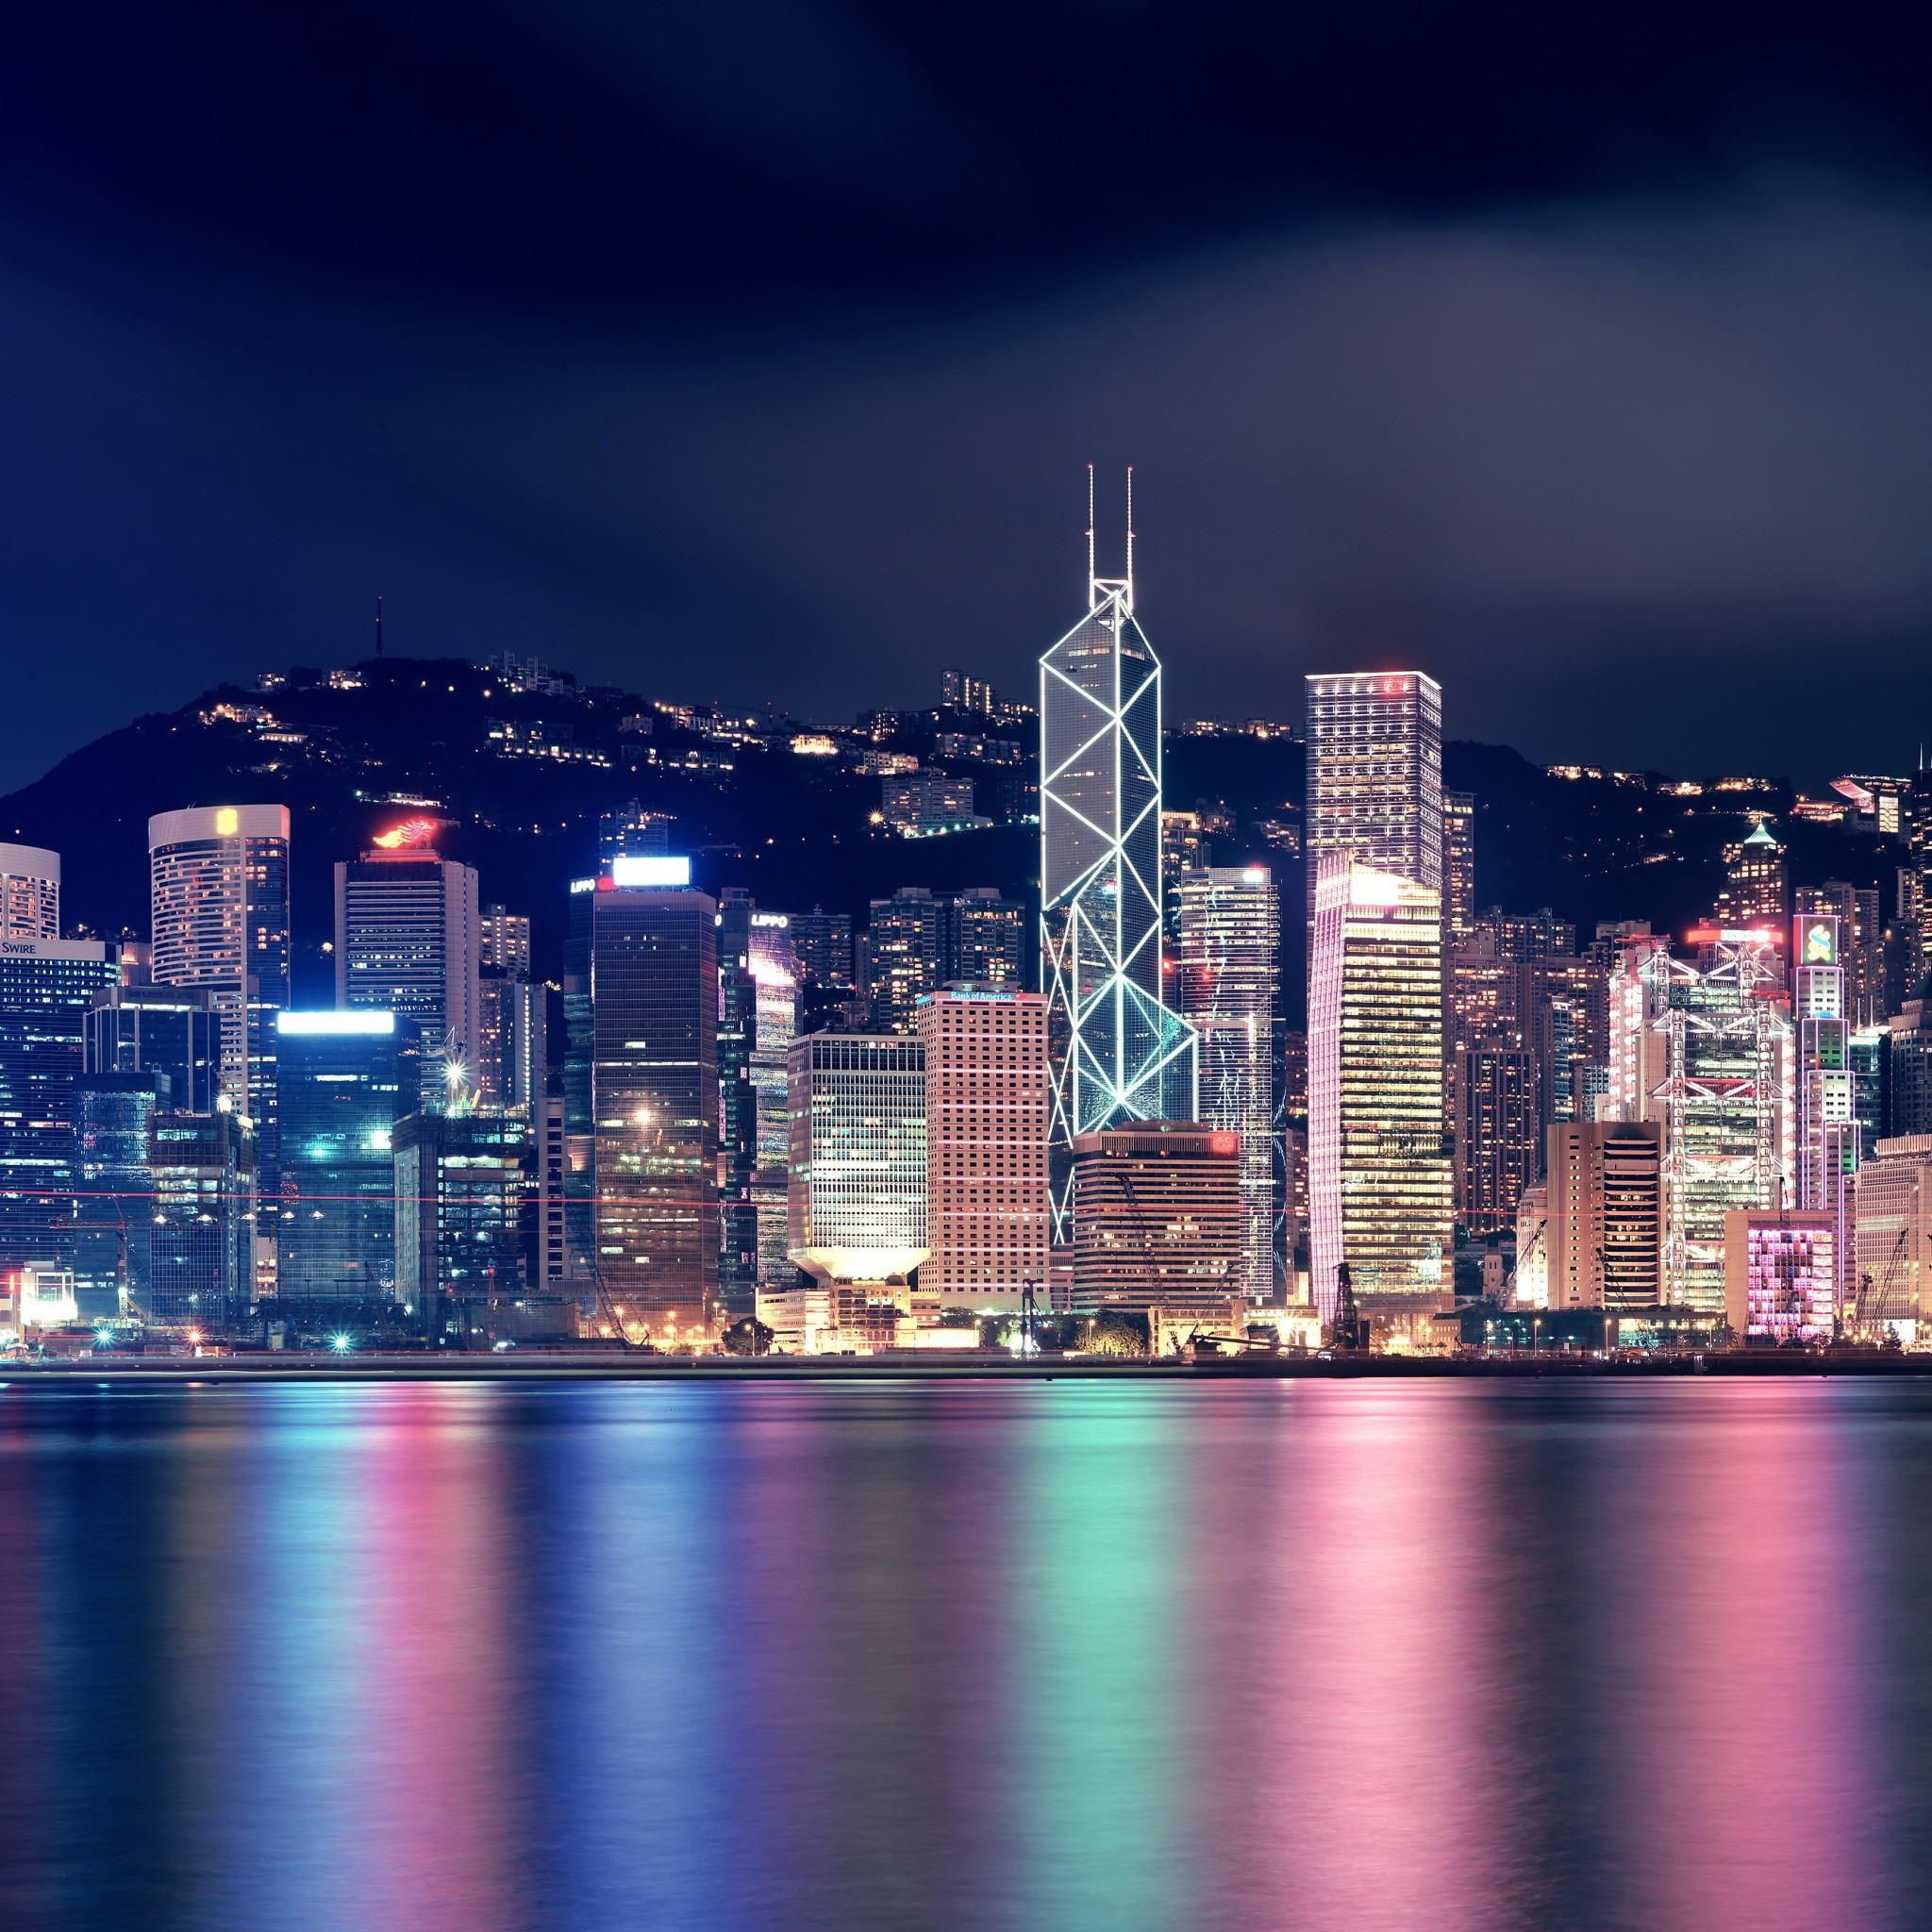 Hong Kong Night Skyscrapers Reflections iPad Air wallpaper